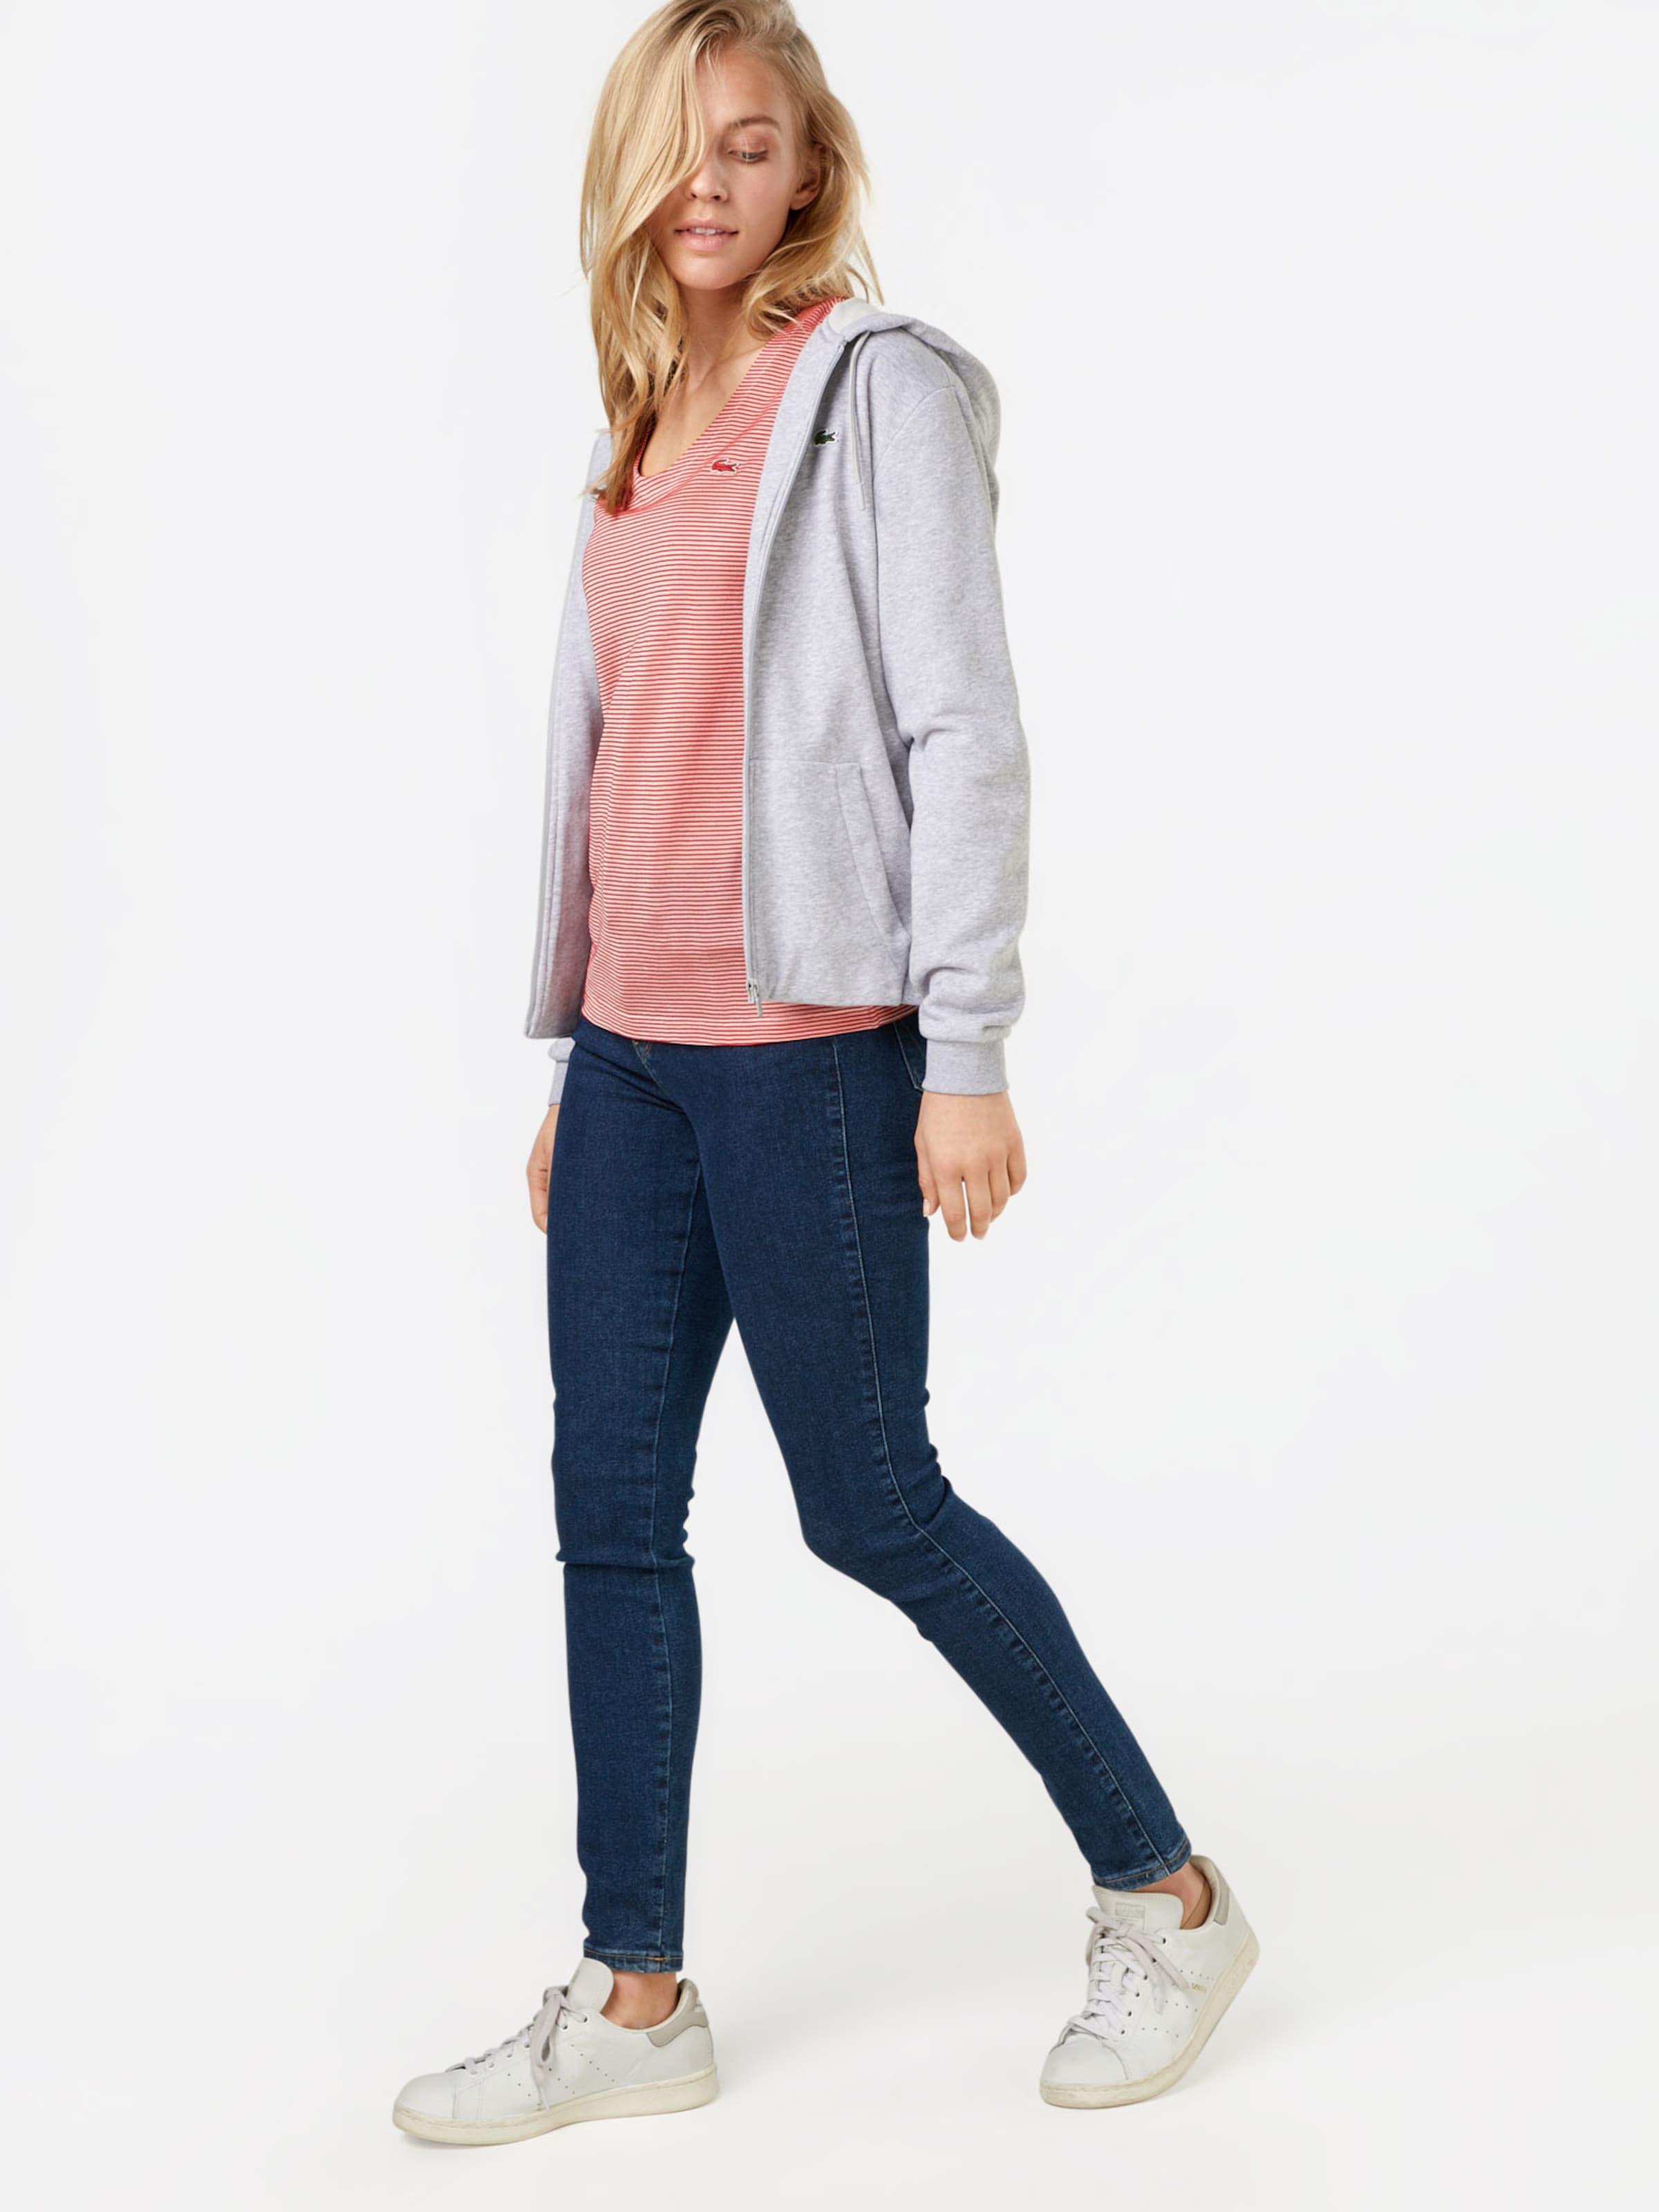 Günstig Kaufen 2018 Neueste LACOSTE Shirt Auslass Viele Arten Von ACimly5